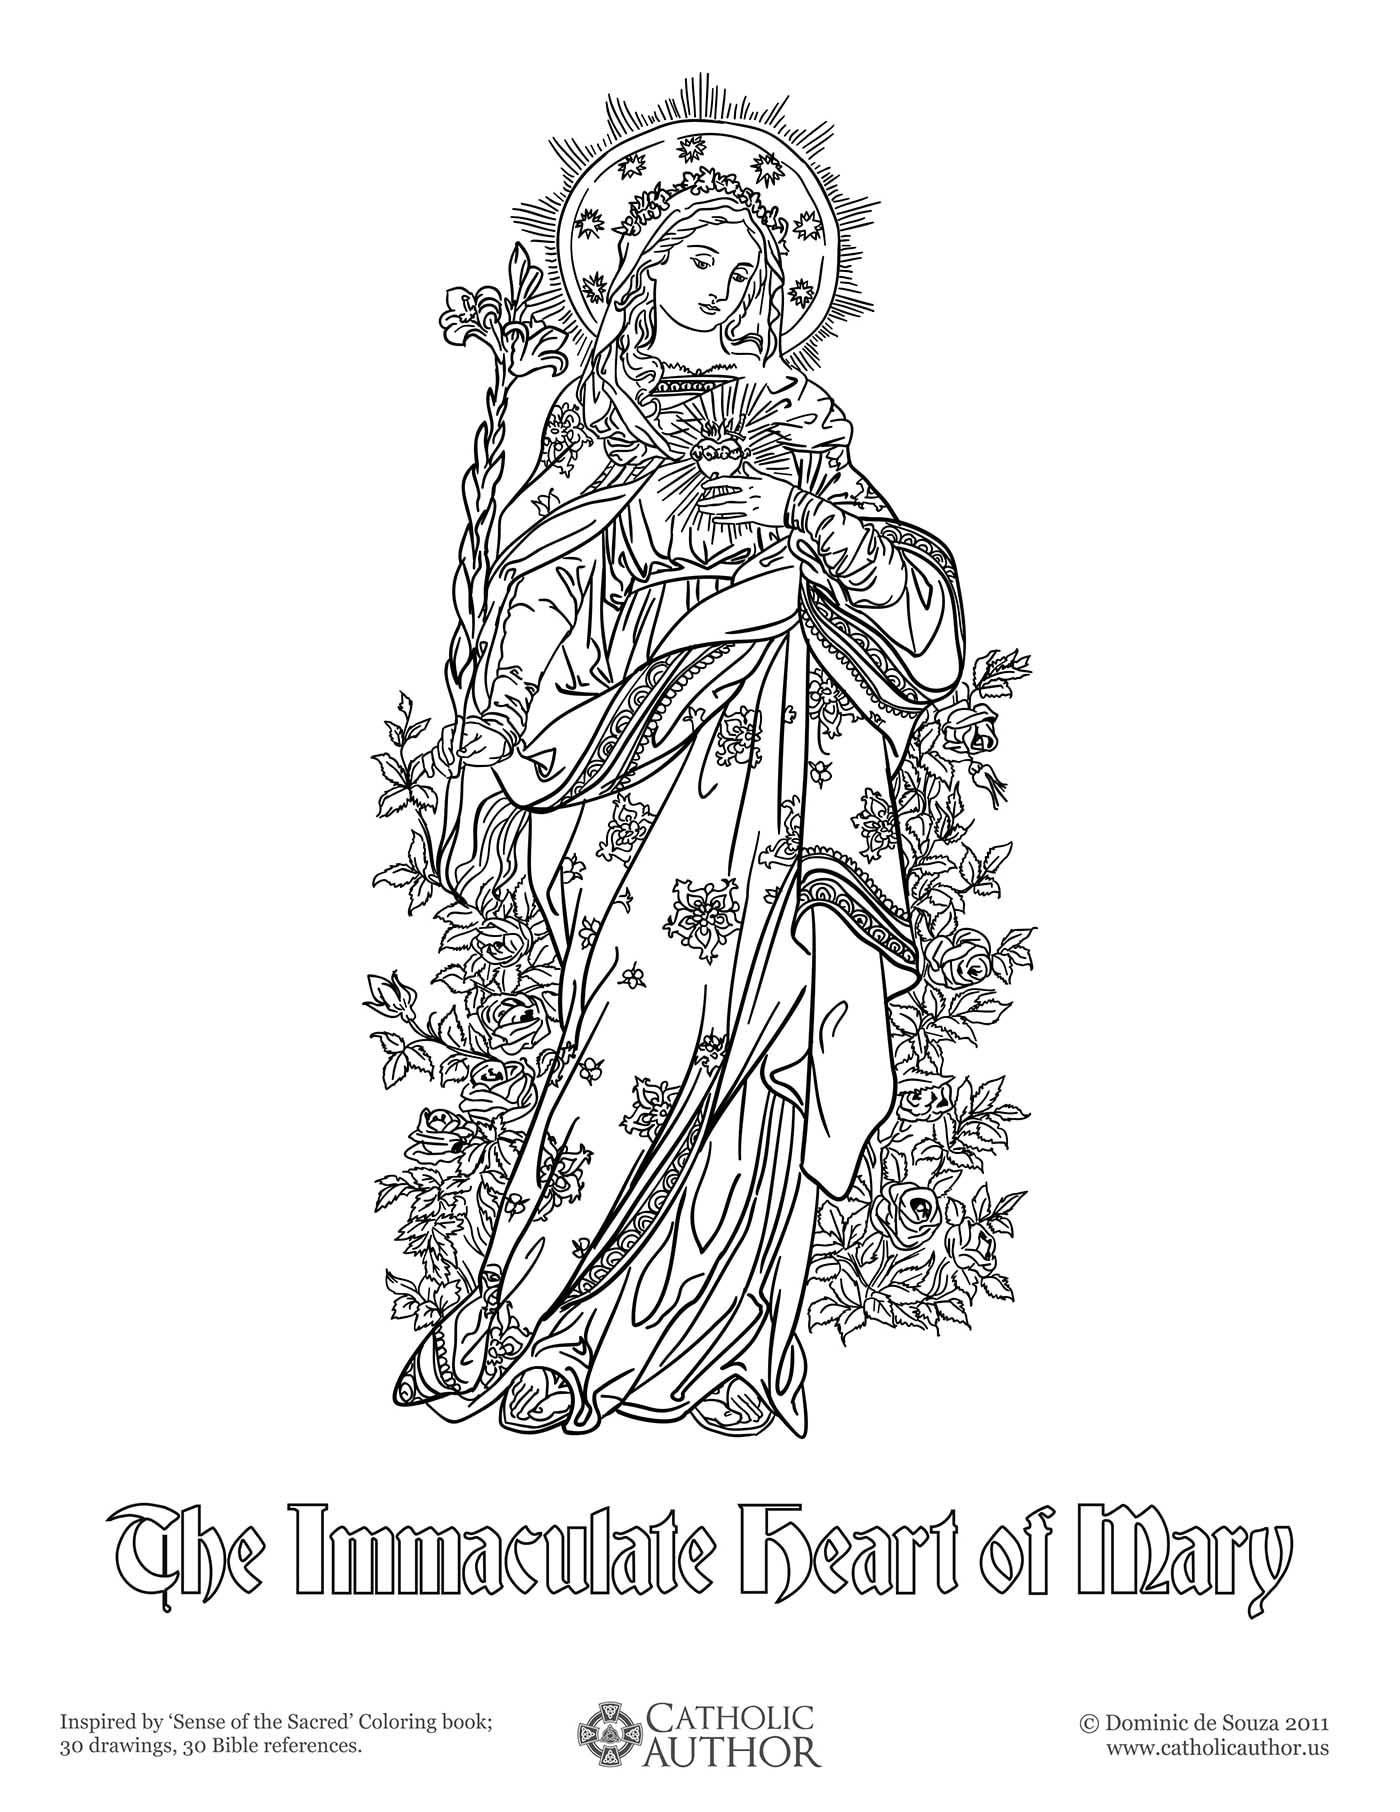 Catholic Coloring Books  12 Free Hand Drawn Catholic Coloring CatholicViral